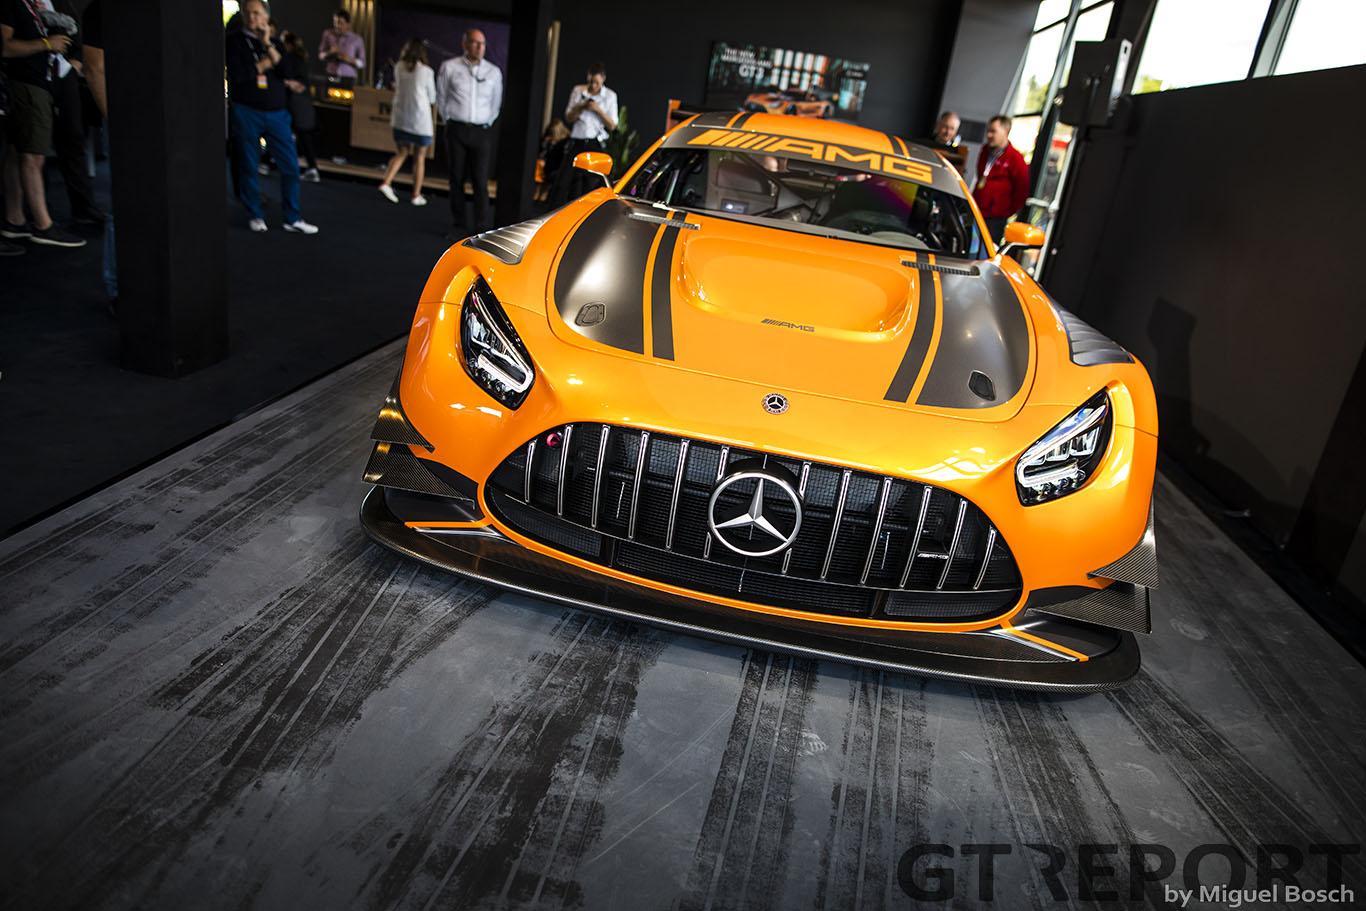 Mercedes-AMG GT3 Evo 2020: Improvement in detail